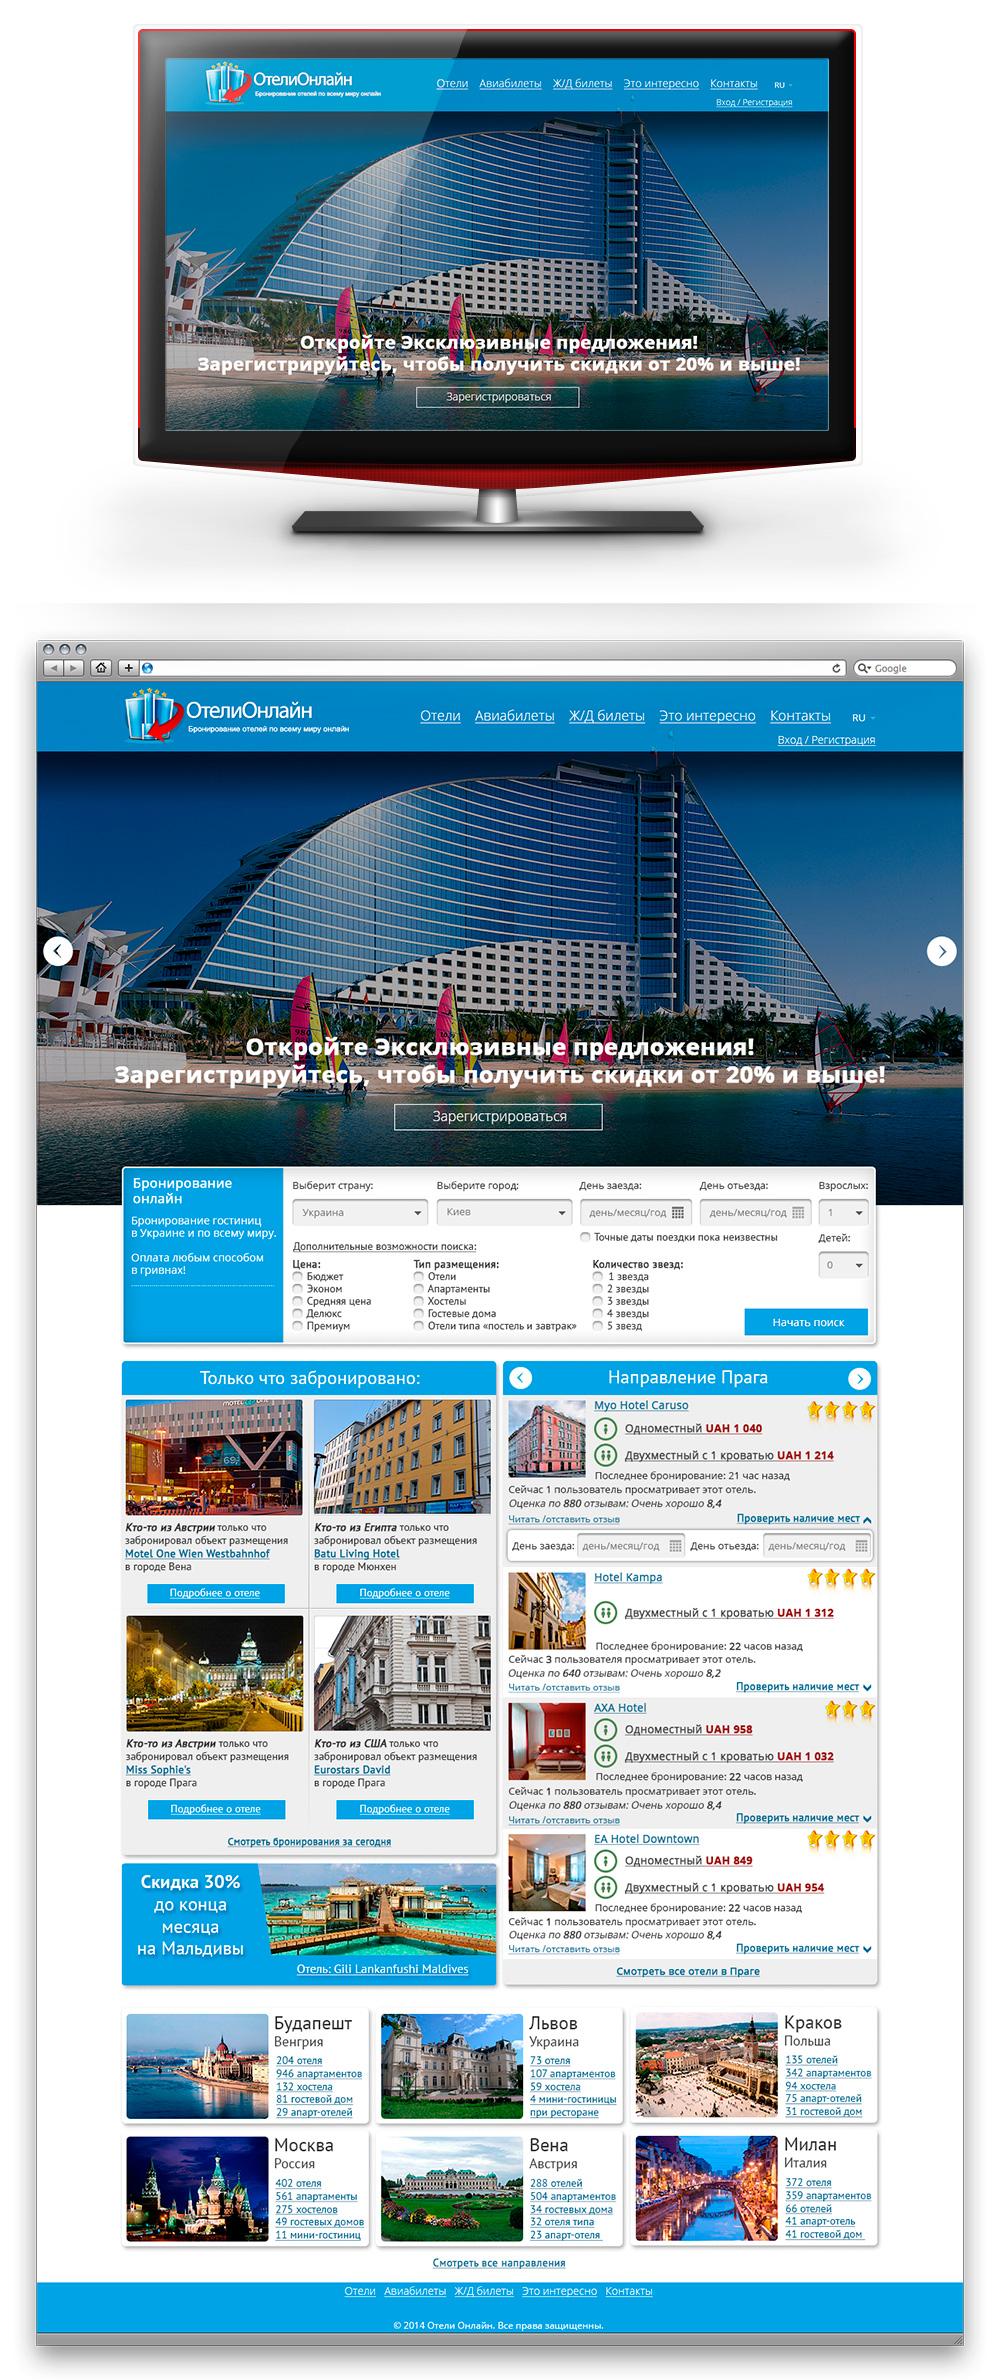 Дизайн сайта по онлайн бронированию отелей